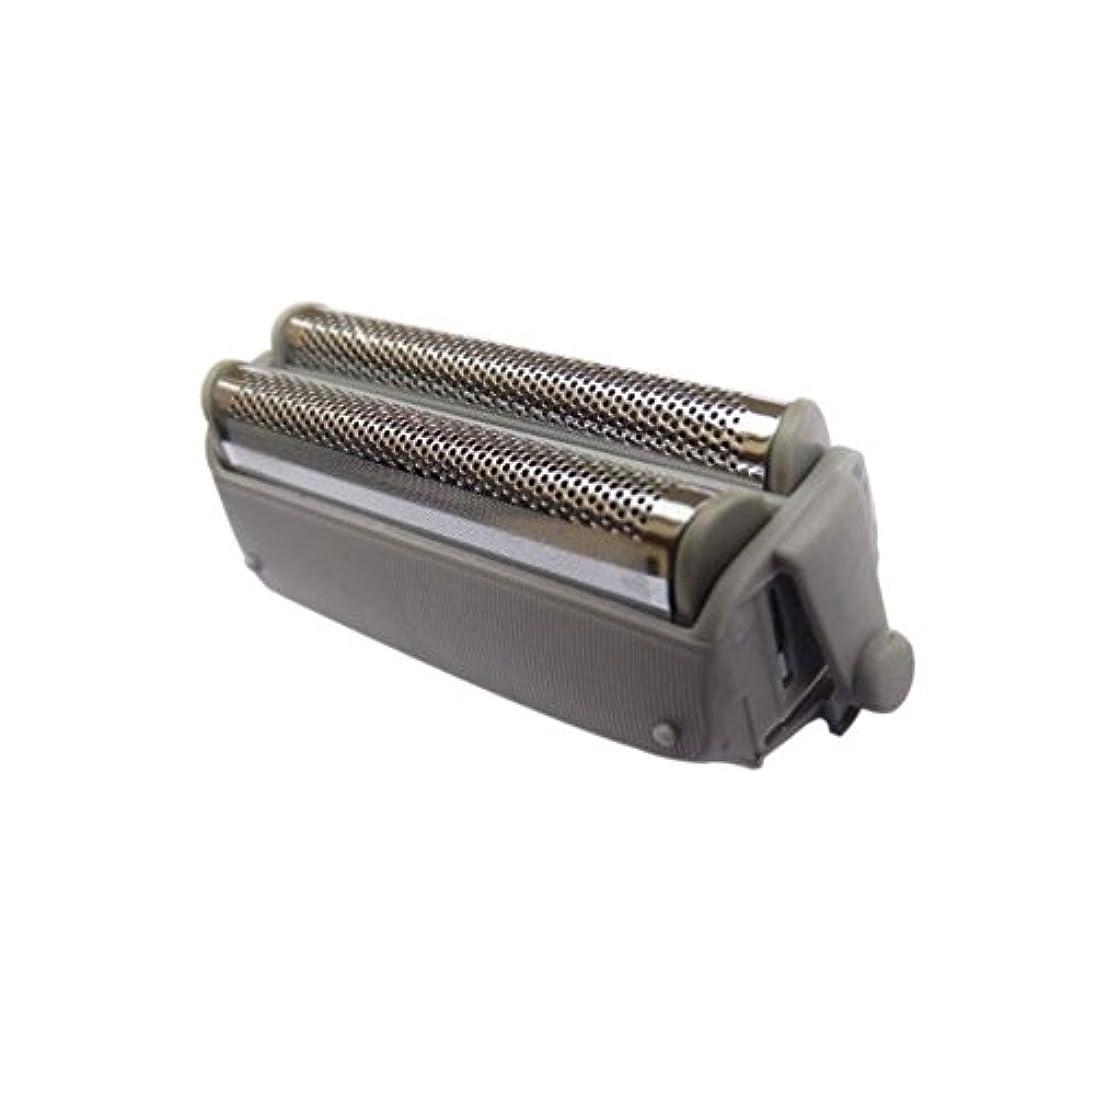 クレーン天文学配分HZjundasi Replacement Outer ホイル for Panasonic ES4035/RW30 ES9859